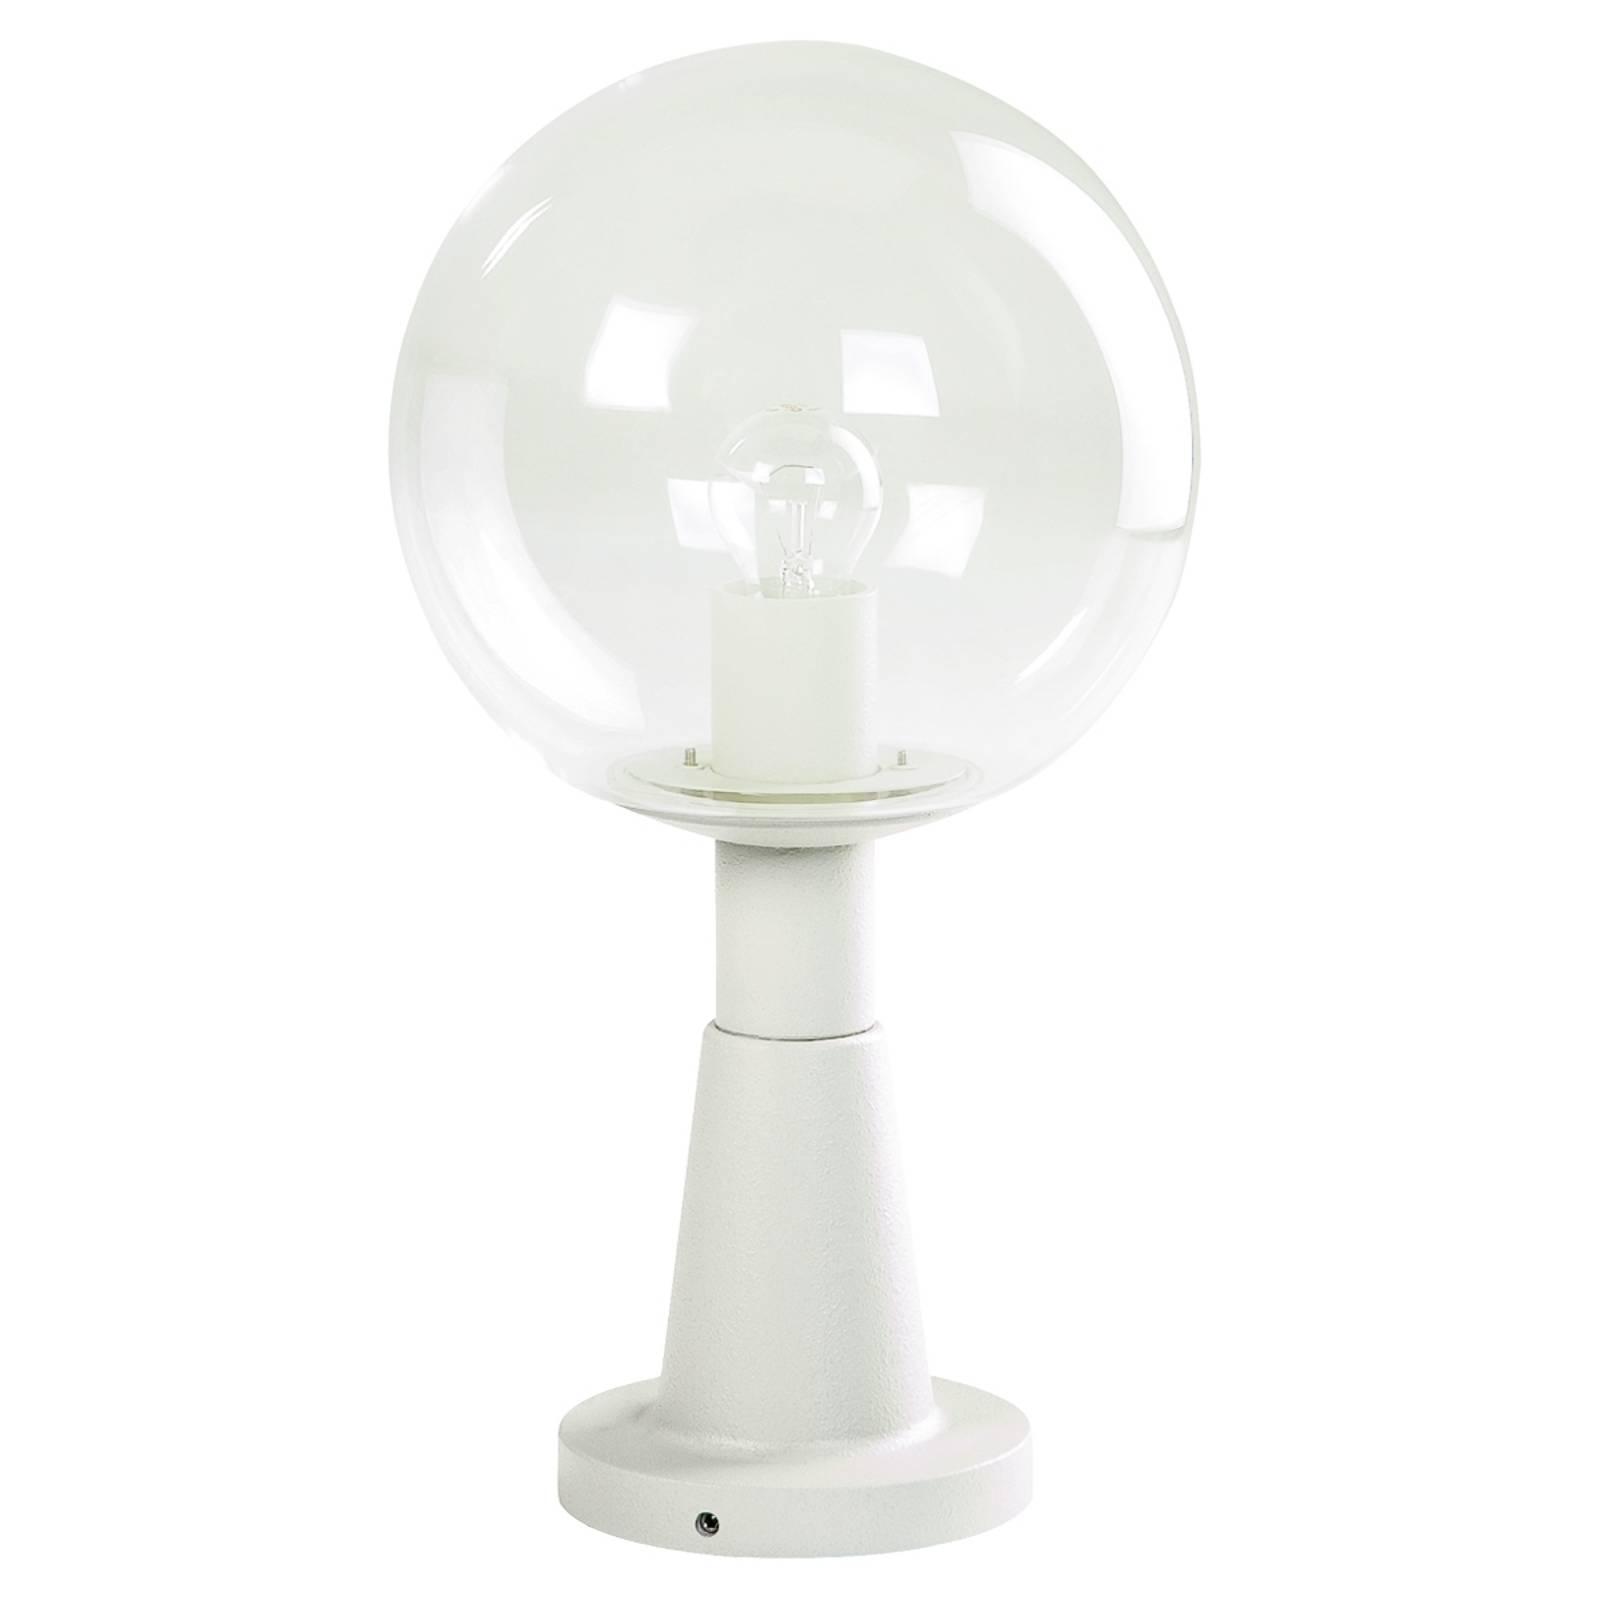 Luminaire pour socle en cristal blanc